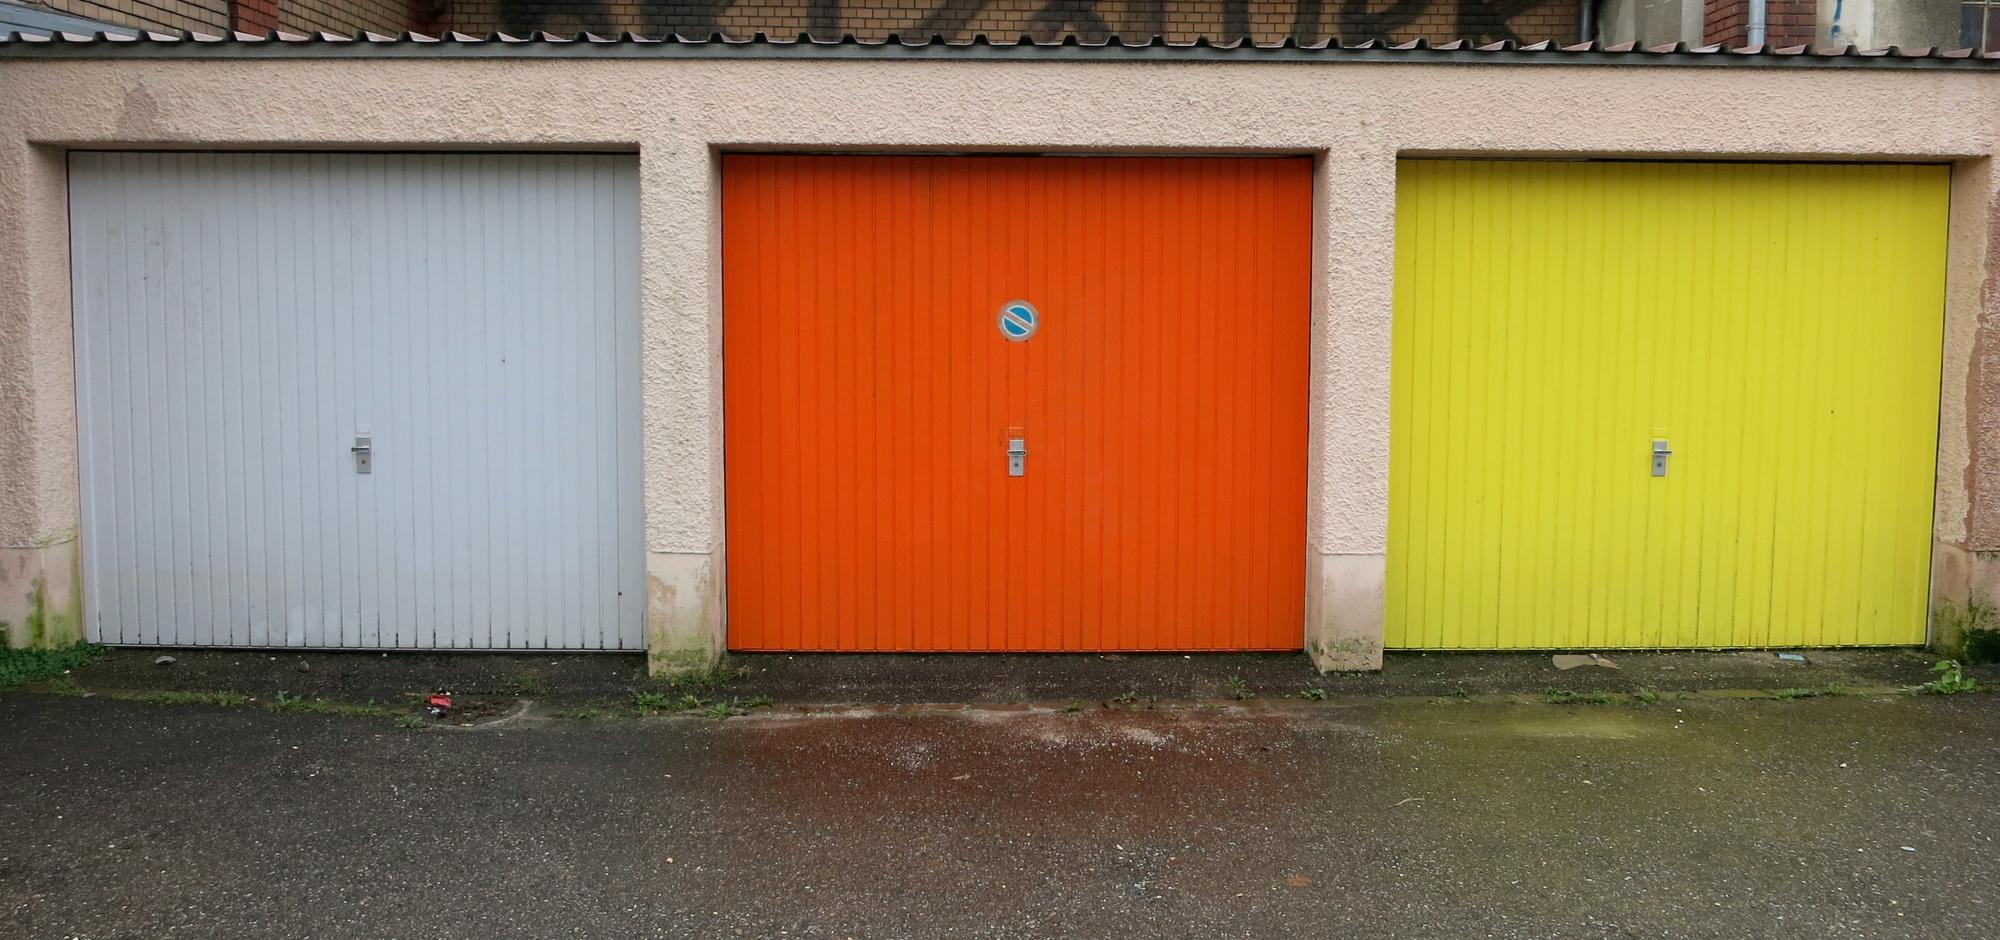 How To Choose Garage Door Colors For Your Arlington Tx Garage